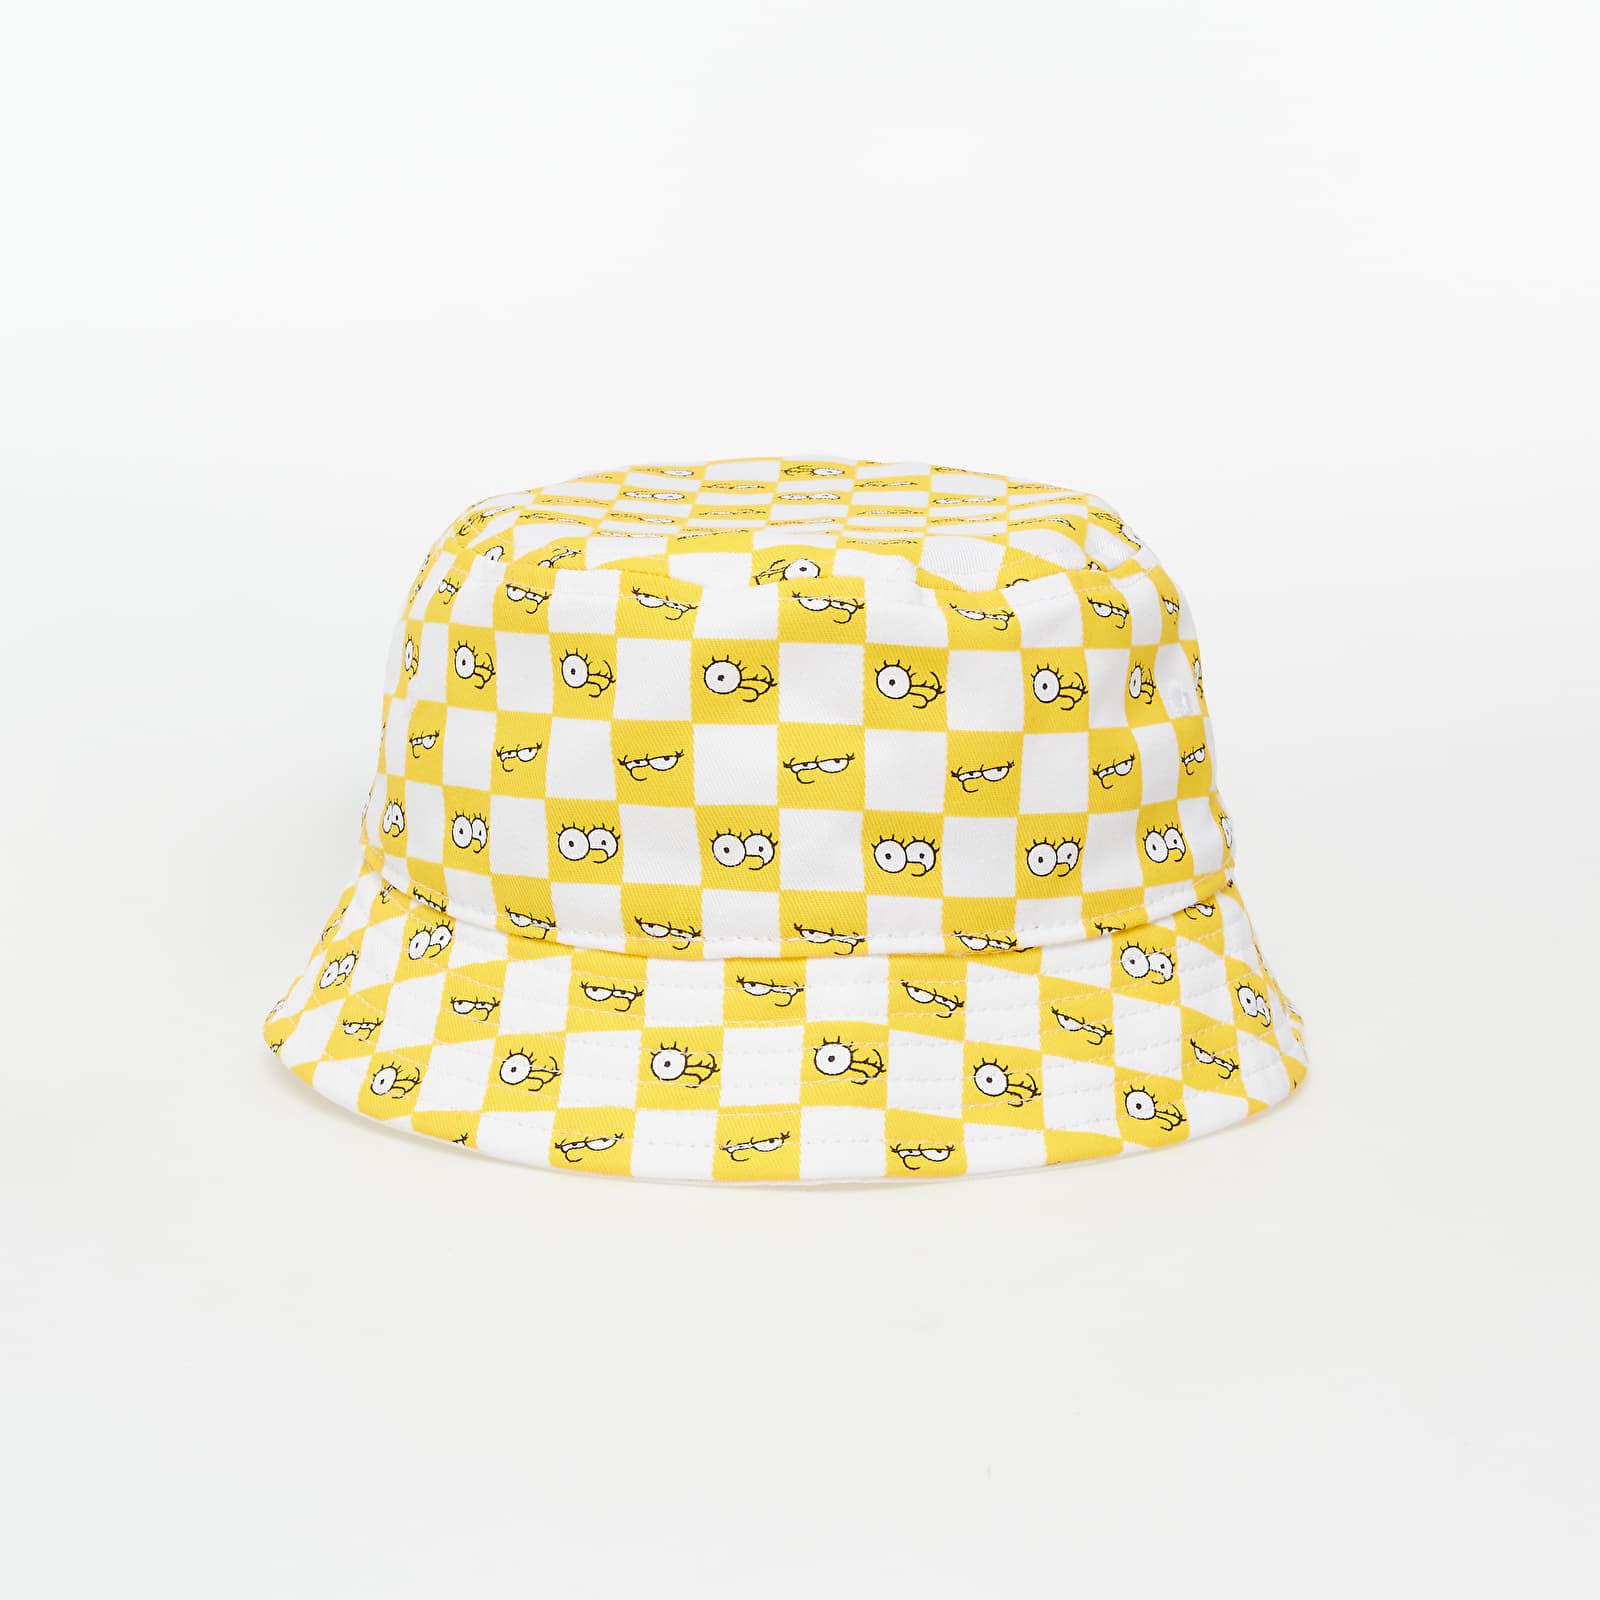 Vans x The Simpsons Bucket Hat Yellow, Black